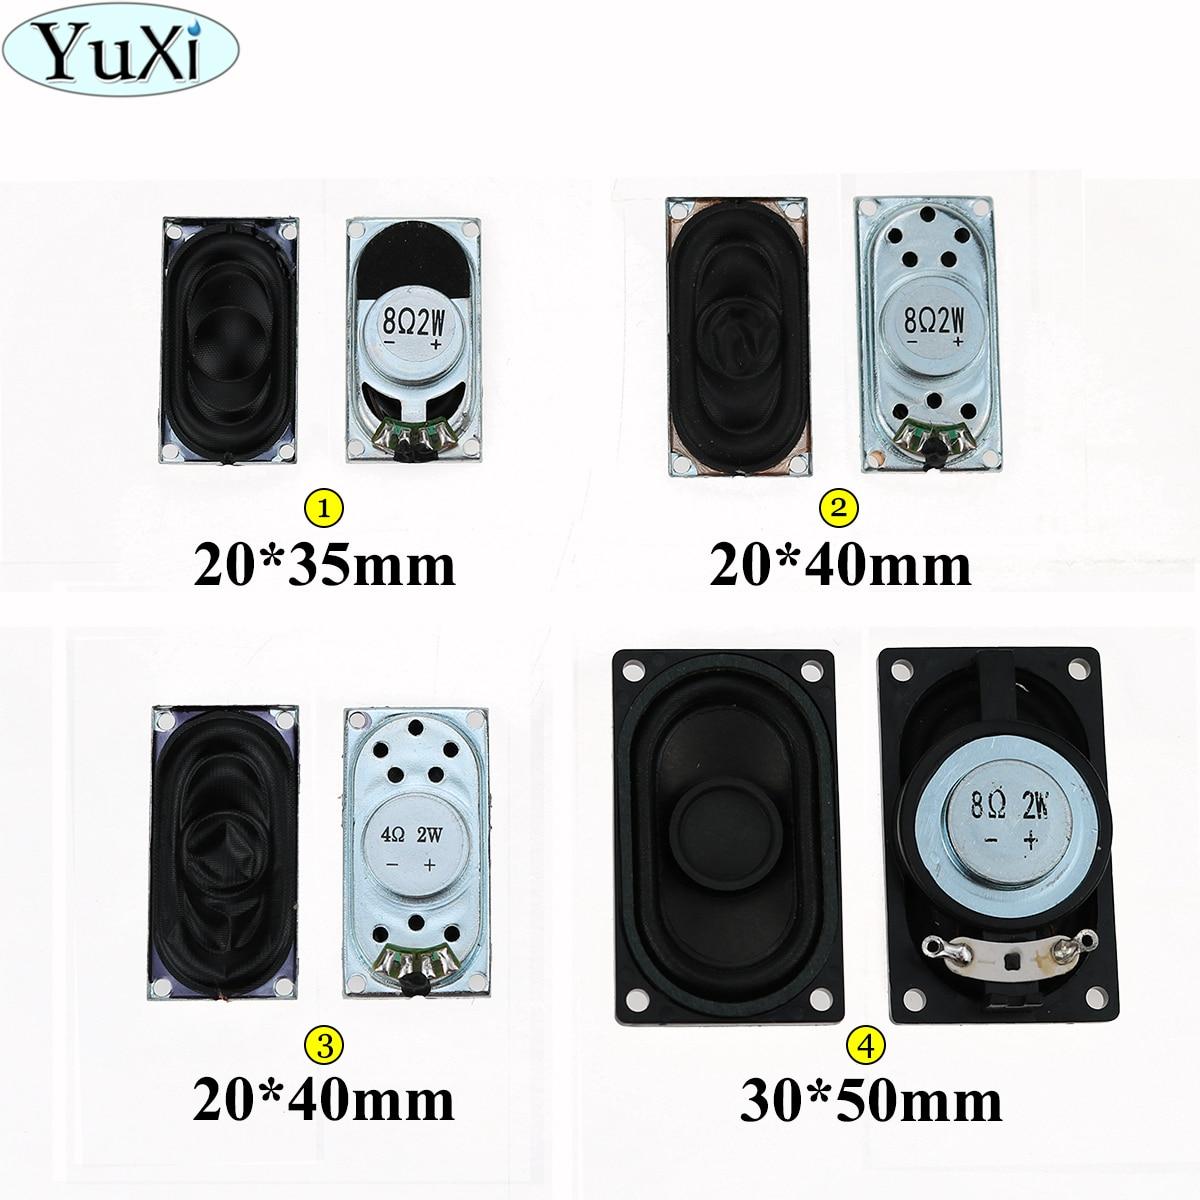 YuXi LCD Monitor/TV/Notebook Speaker Horn 2W 4R 8R 2035 3520 2040 5030 3050 Loud Speaker 8 Ohms 2 Watt 20*35MM 20*40MM 50*30MM